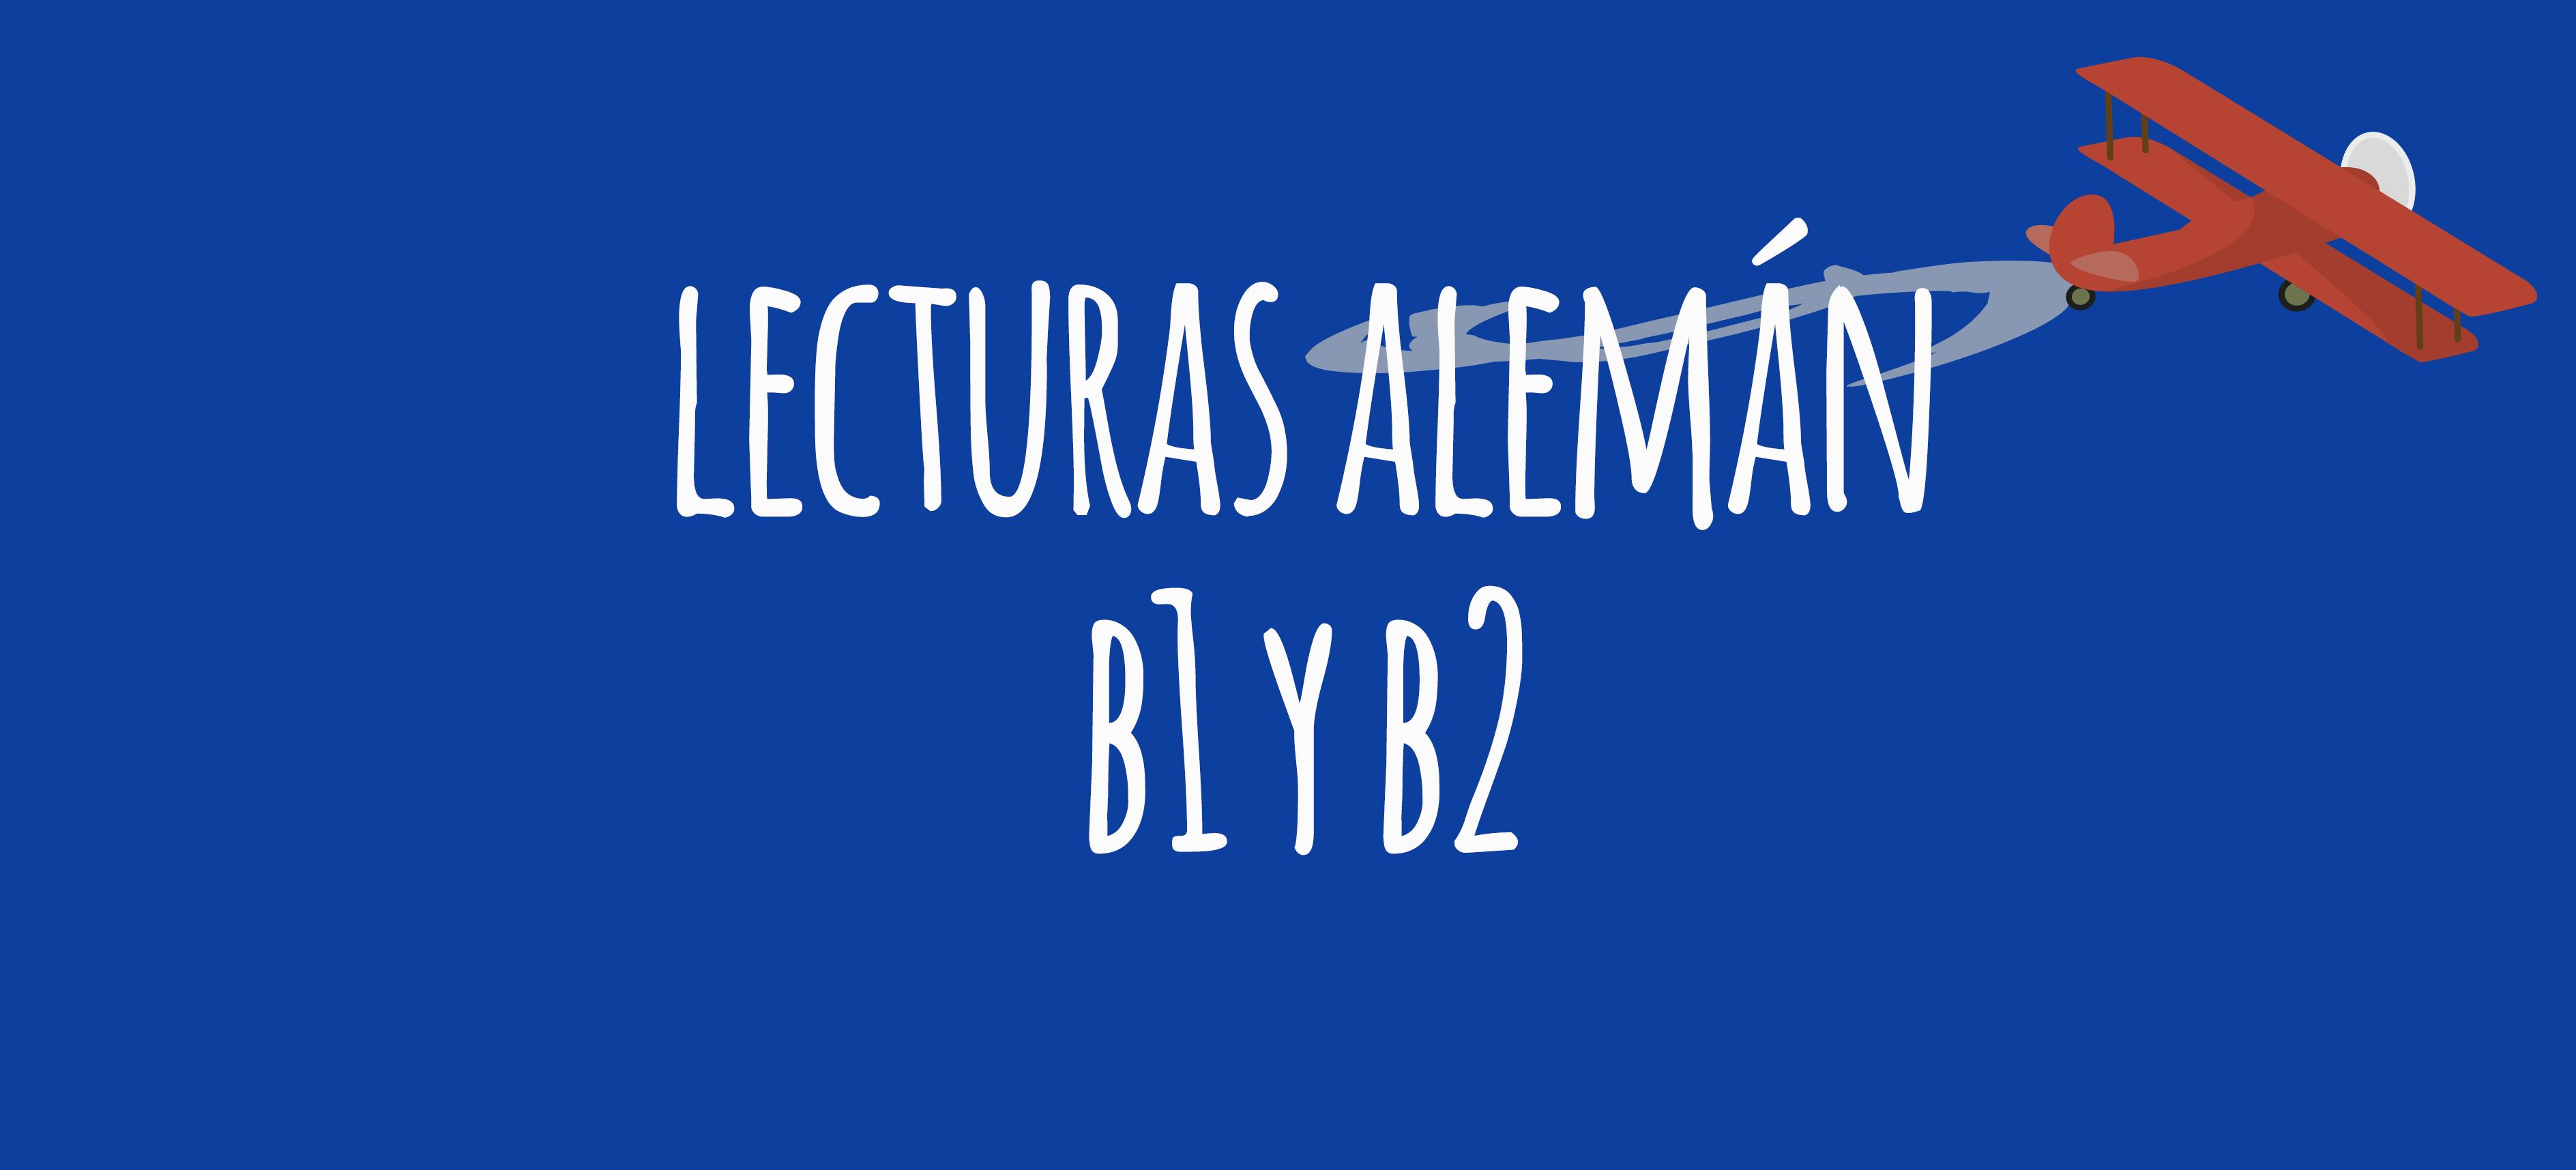 lecturas alemán B1 y B2